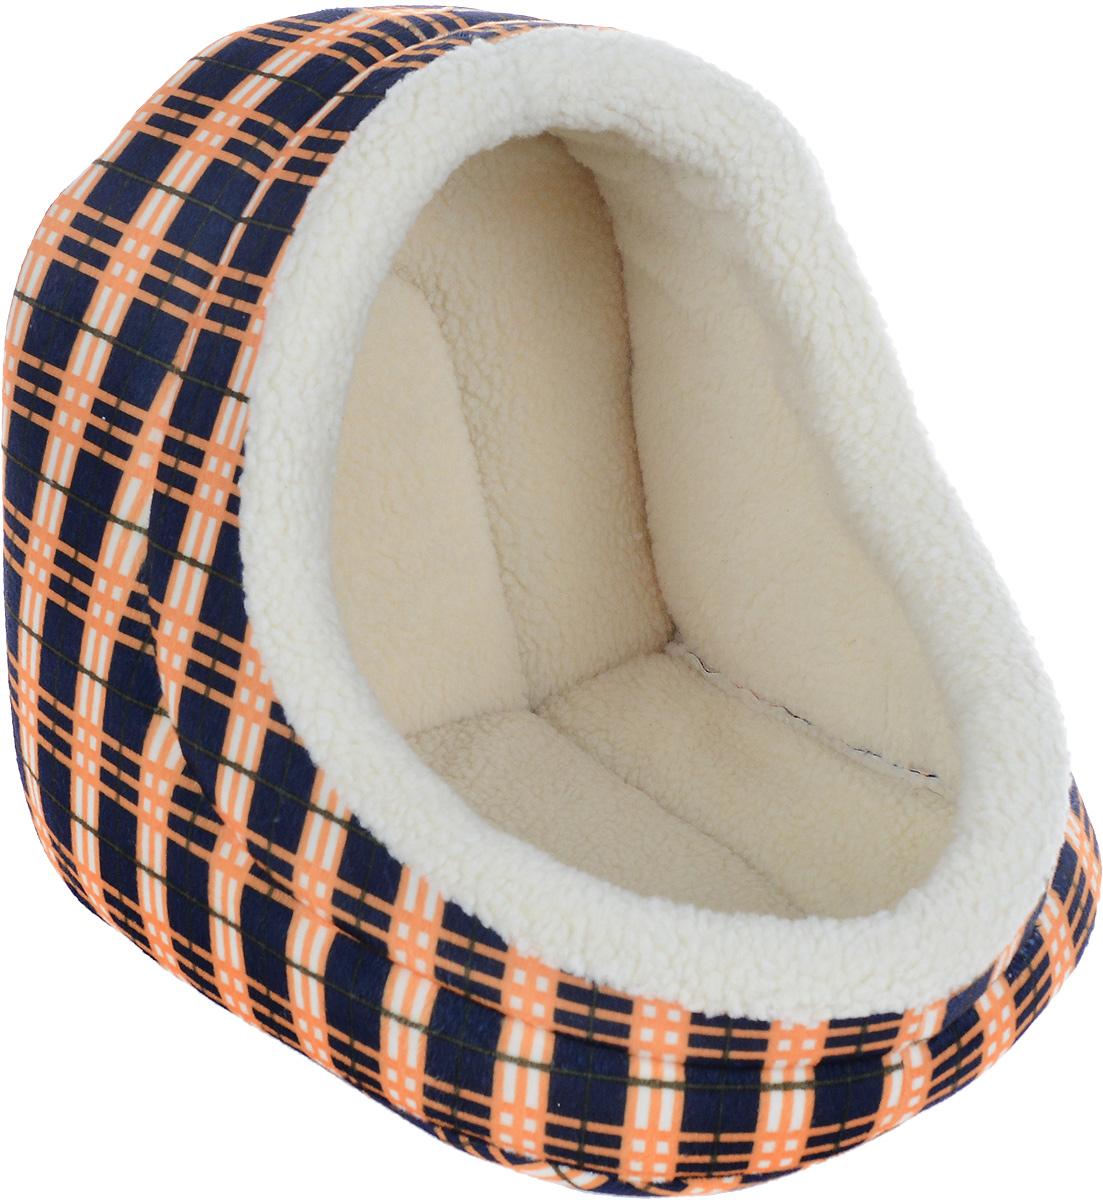 Домик для животных Каскад Клетка. №2, 38 х 35 х 34 см0120710Домик для животных Каскад Клетка. №2, выполненный из высококачественного текстиля, обязательно понравится вашему питомцу. Домик предназначен для собак и кошек. Он очень удобный и уютный. Ваш любимец обязательно захочет забраться в этот домик, как только его увидит. Компактные размеры позволят поместить домик где угодно, а приятная цветовая гамма сделает его оригинальным дополнением любого интерьера.